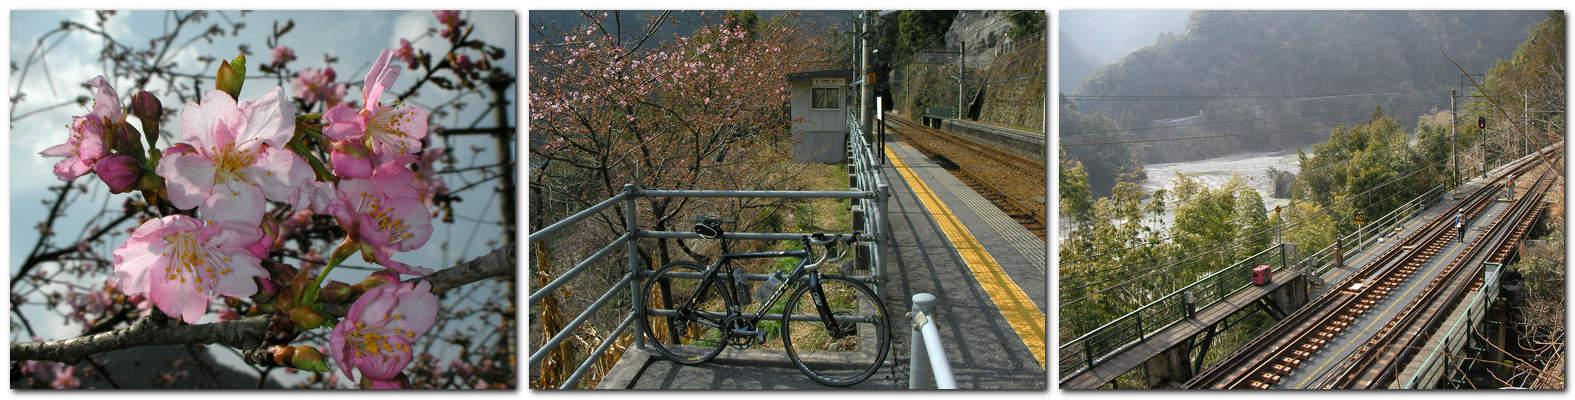 2014年3月19日「JR飯田線伊那小沢駅の寒桜(天龍村)」